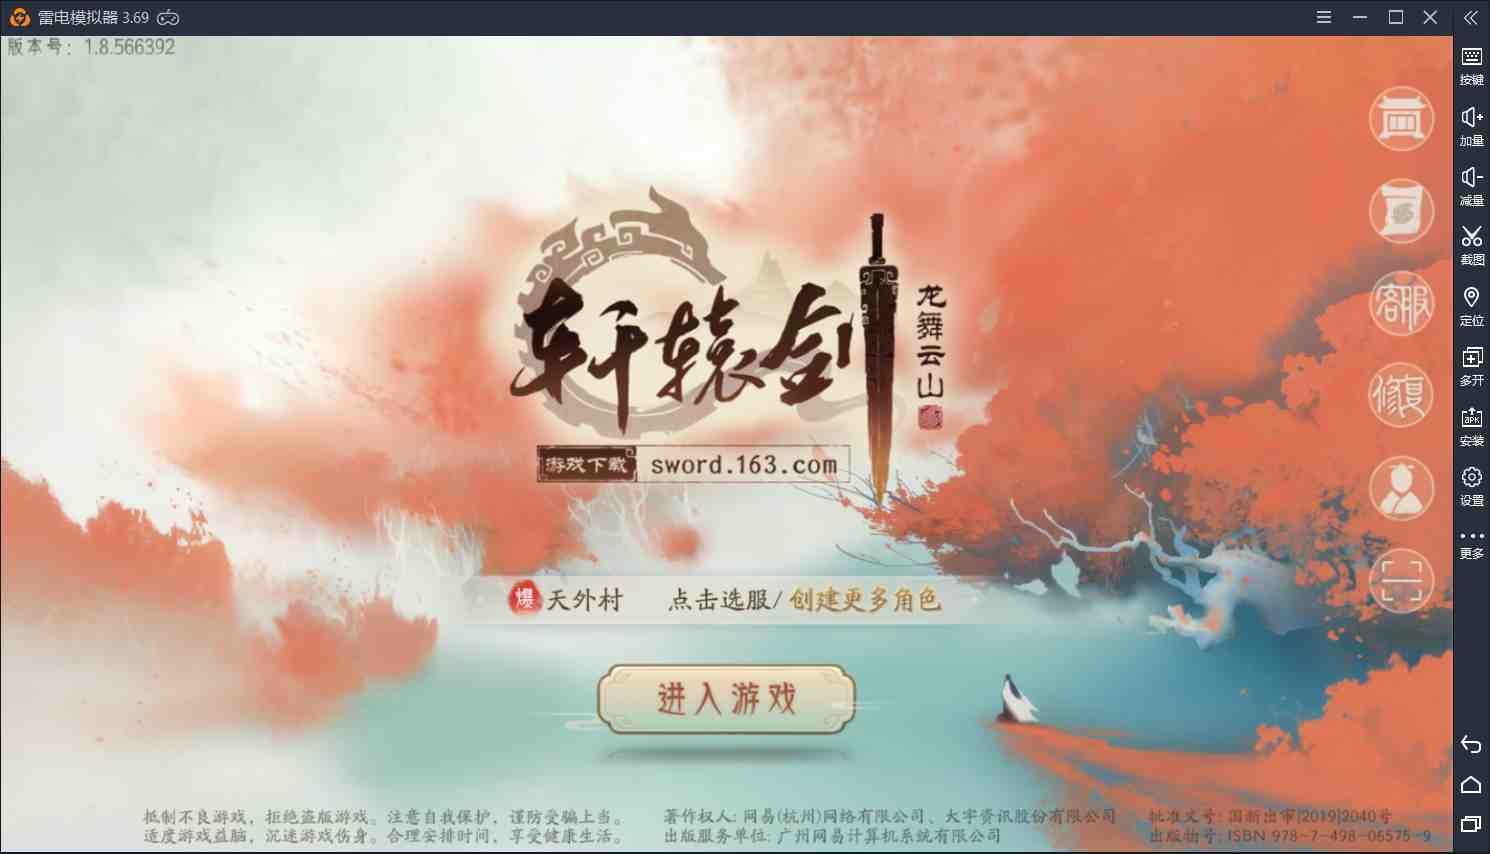 【Rai酱一周新游】和风恋爱《茜色世界》浪漫上线 《轩辕剑龙舞云山》终测开启